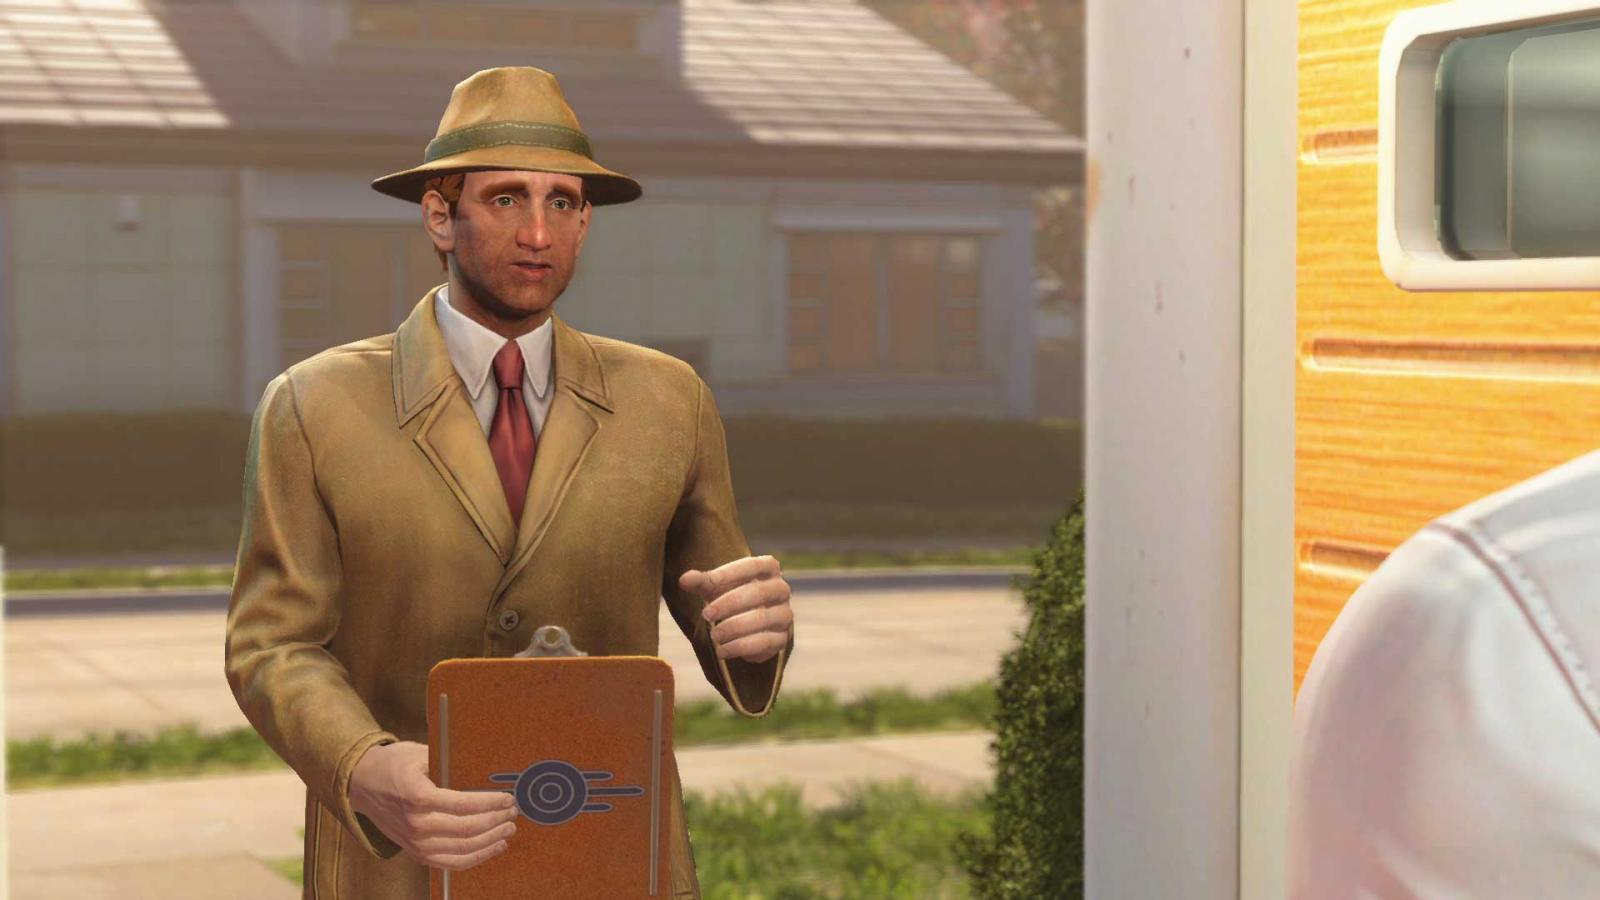 Утренняя почта (мусолим fallout 4) - Изображение 1